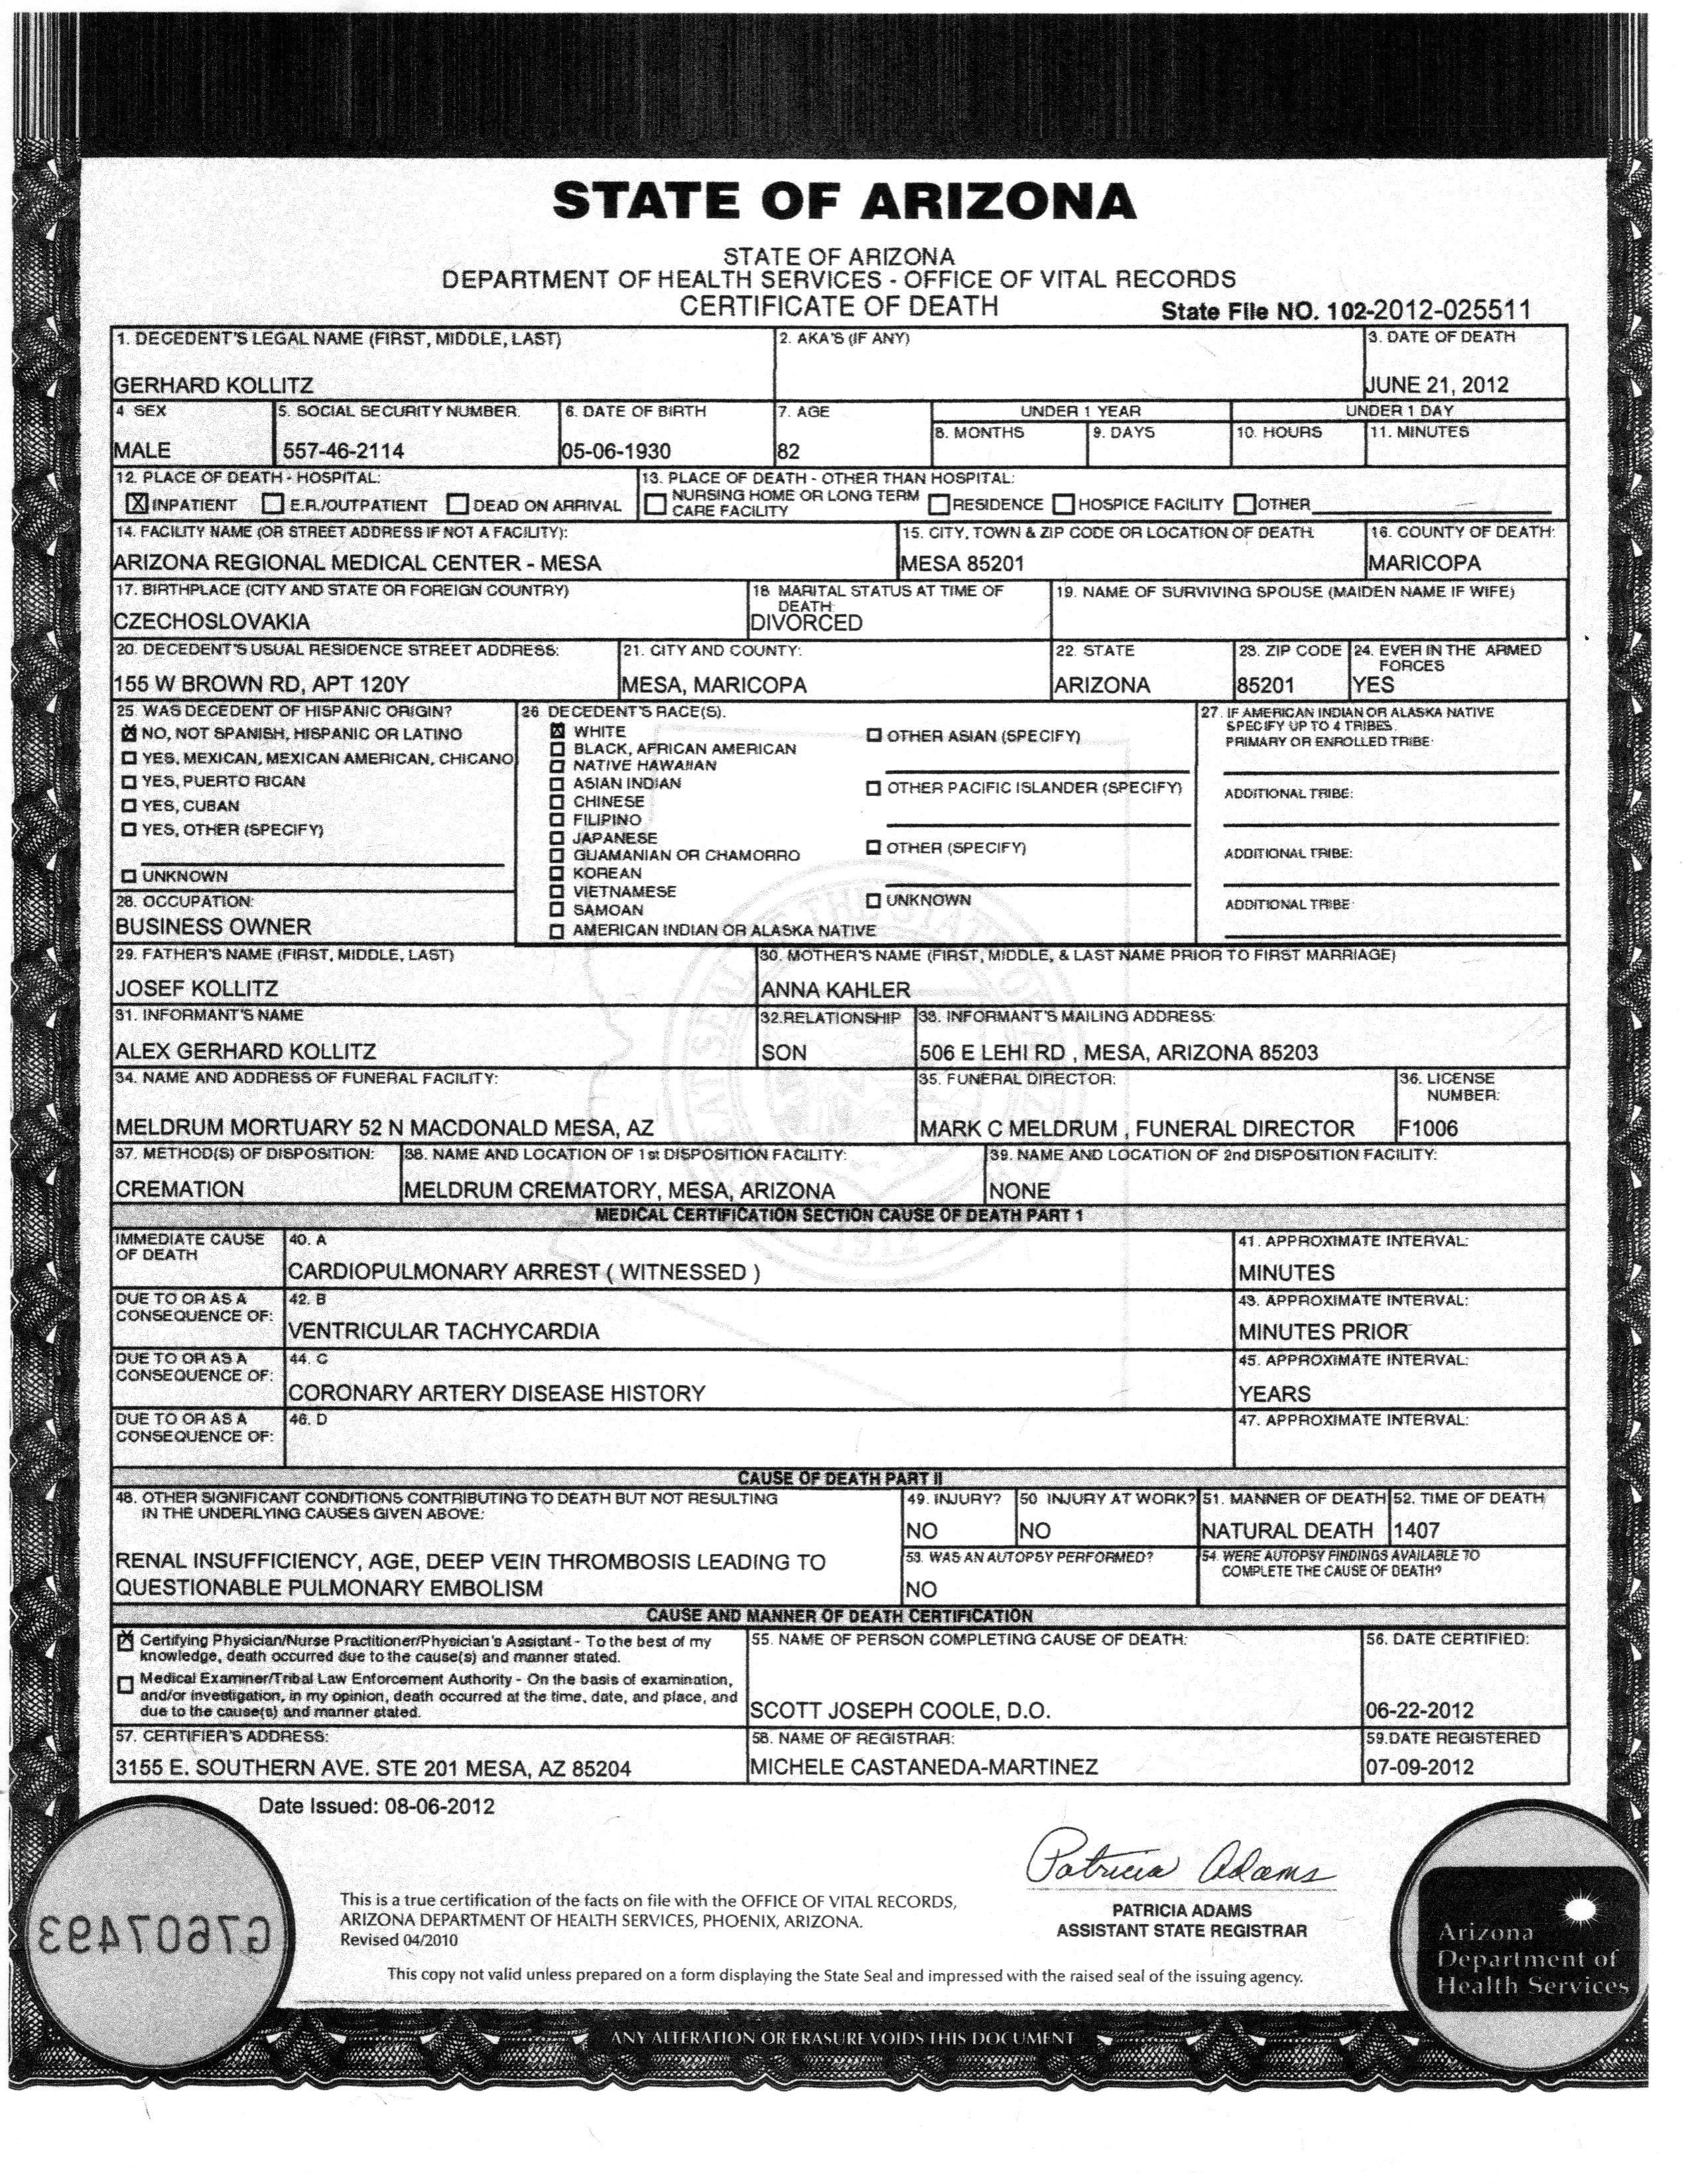 Arizona Vital Records Agency Information